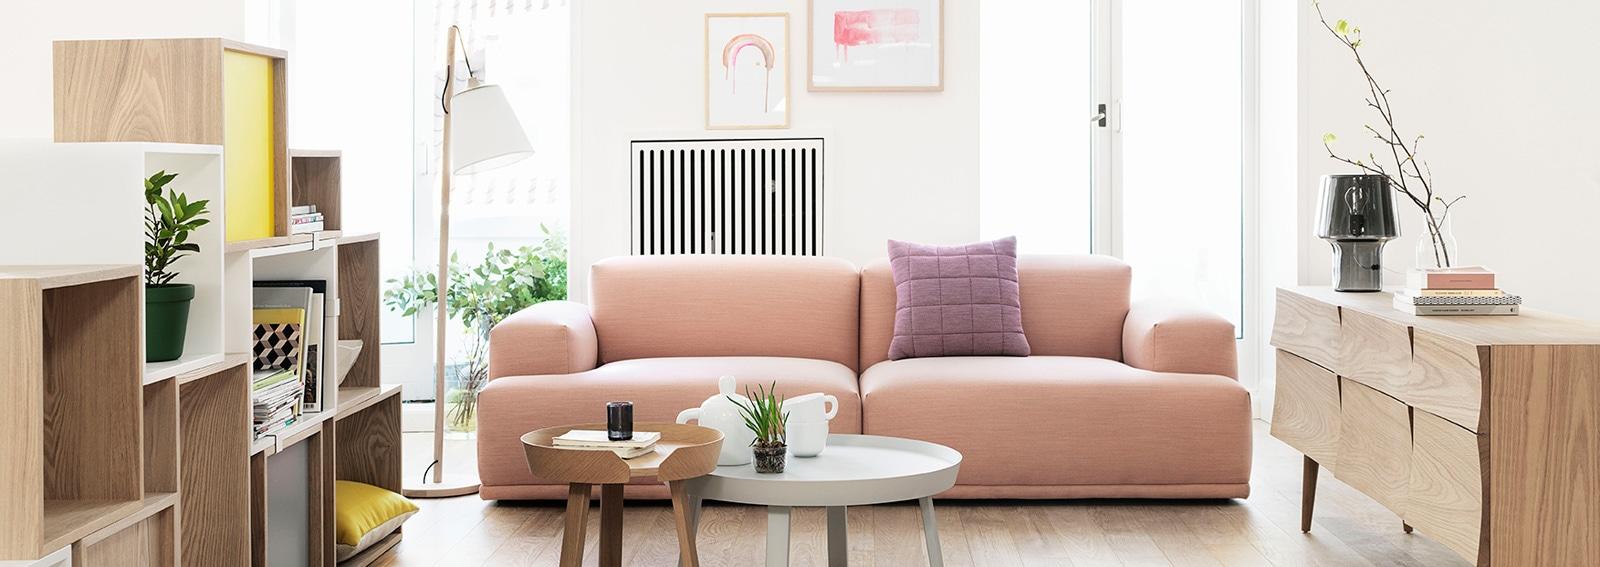 Come arredare la casa in stile scandinavo for Nuova casa in stile